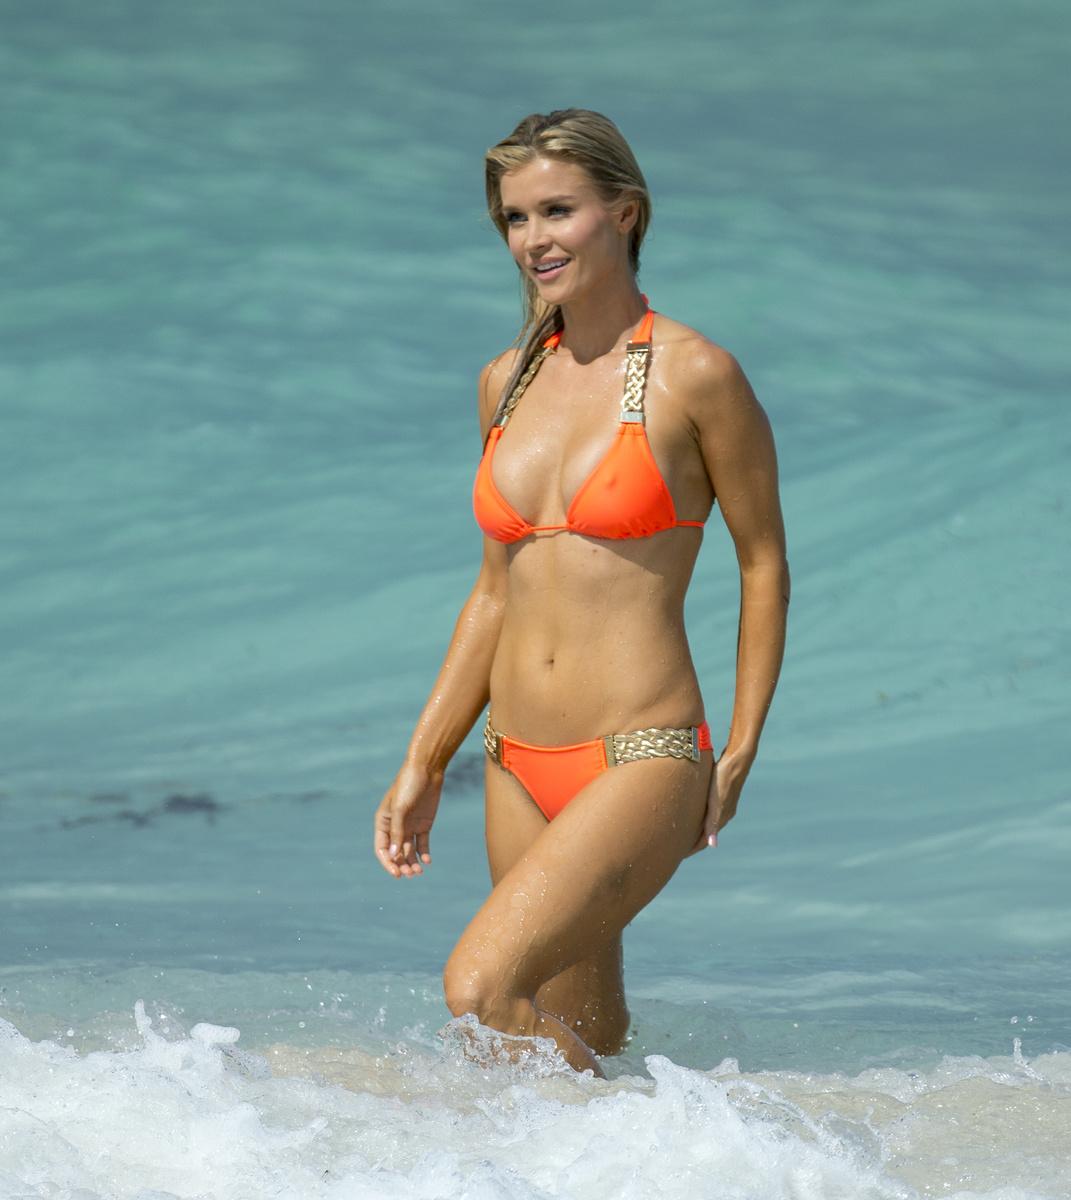 Горячая Джоанна Крупа в оранжевом купальнике с золотистыми вставками